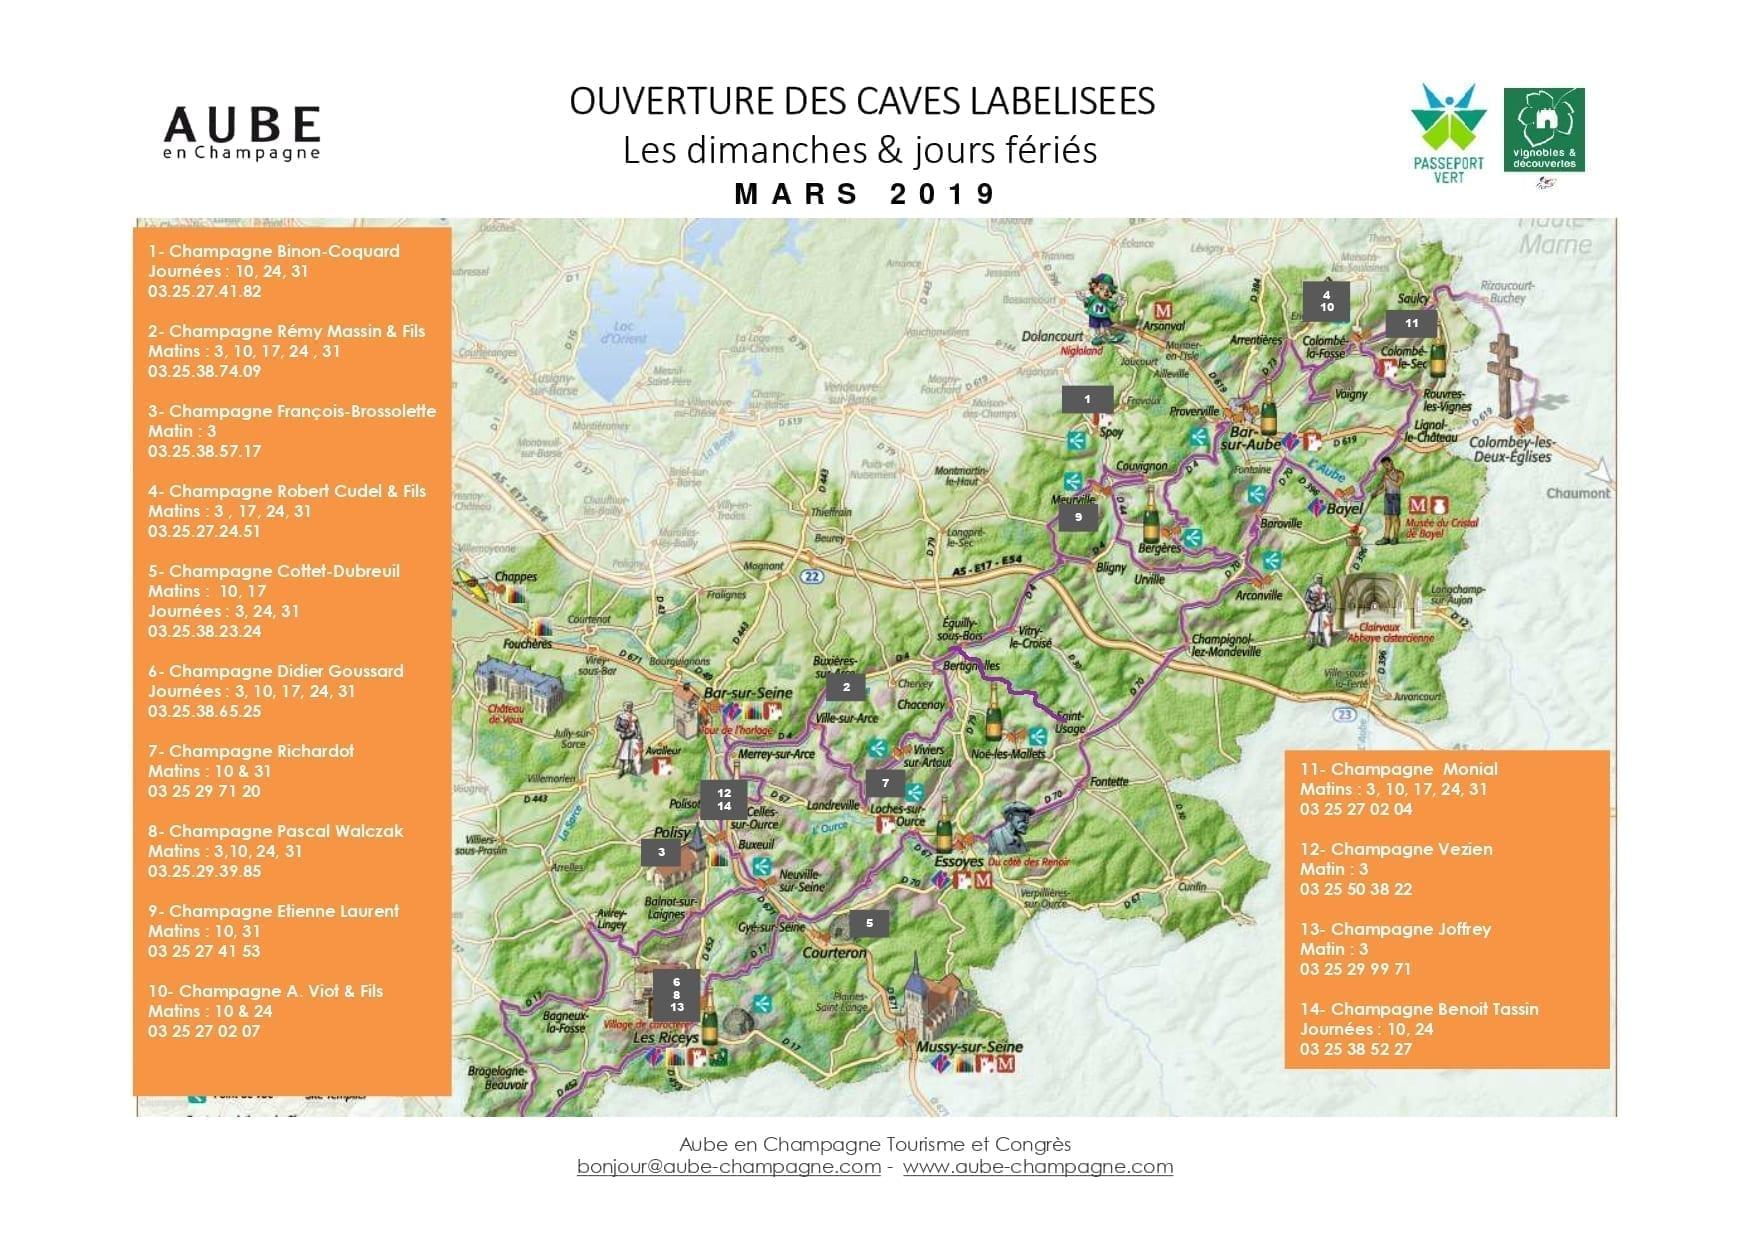 73474df66e9 Les caves labellisées de l Aube en Champagne vous ouvrent leurs portes